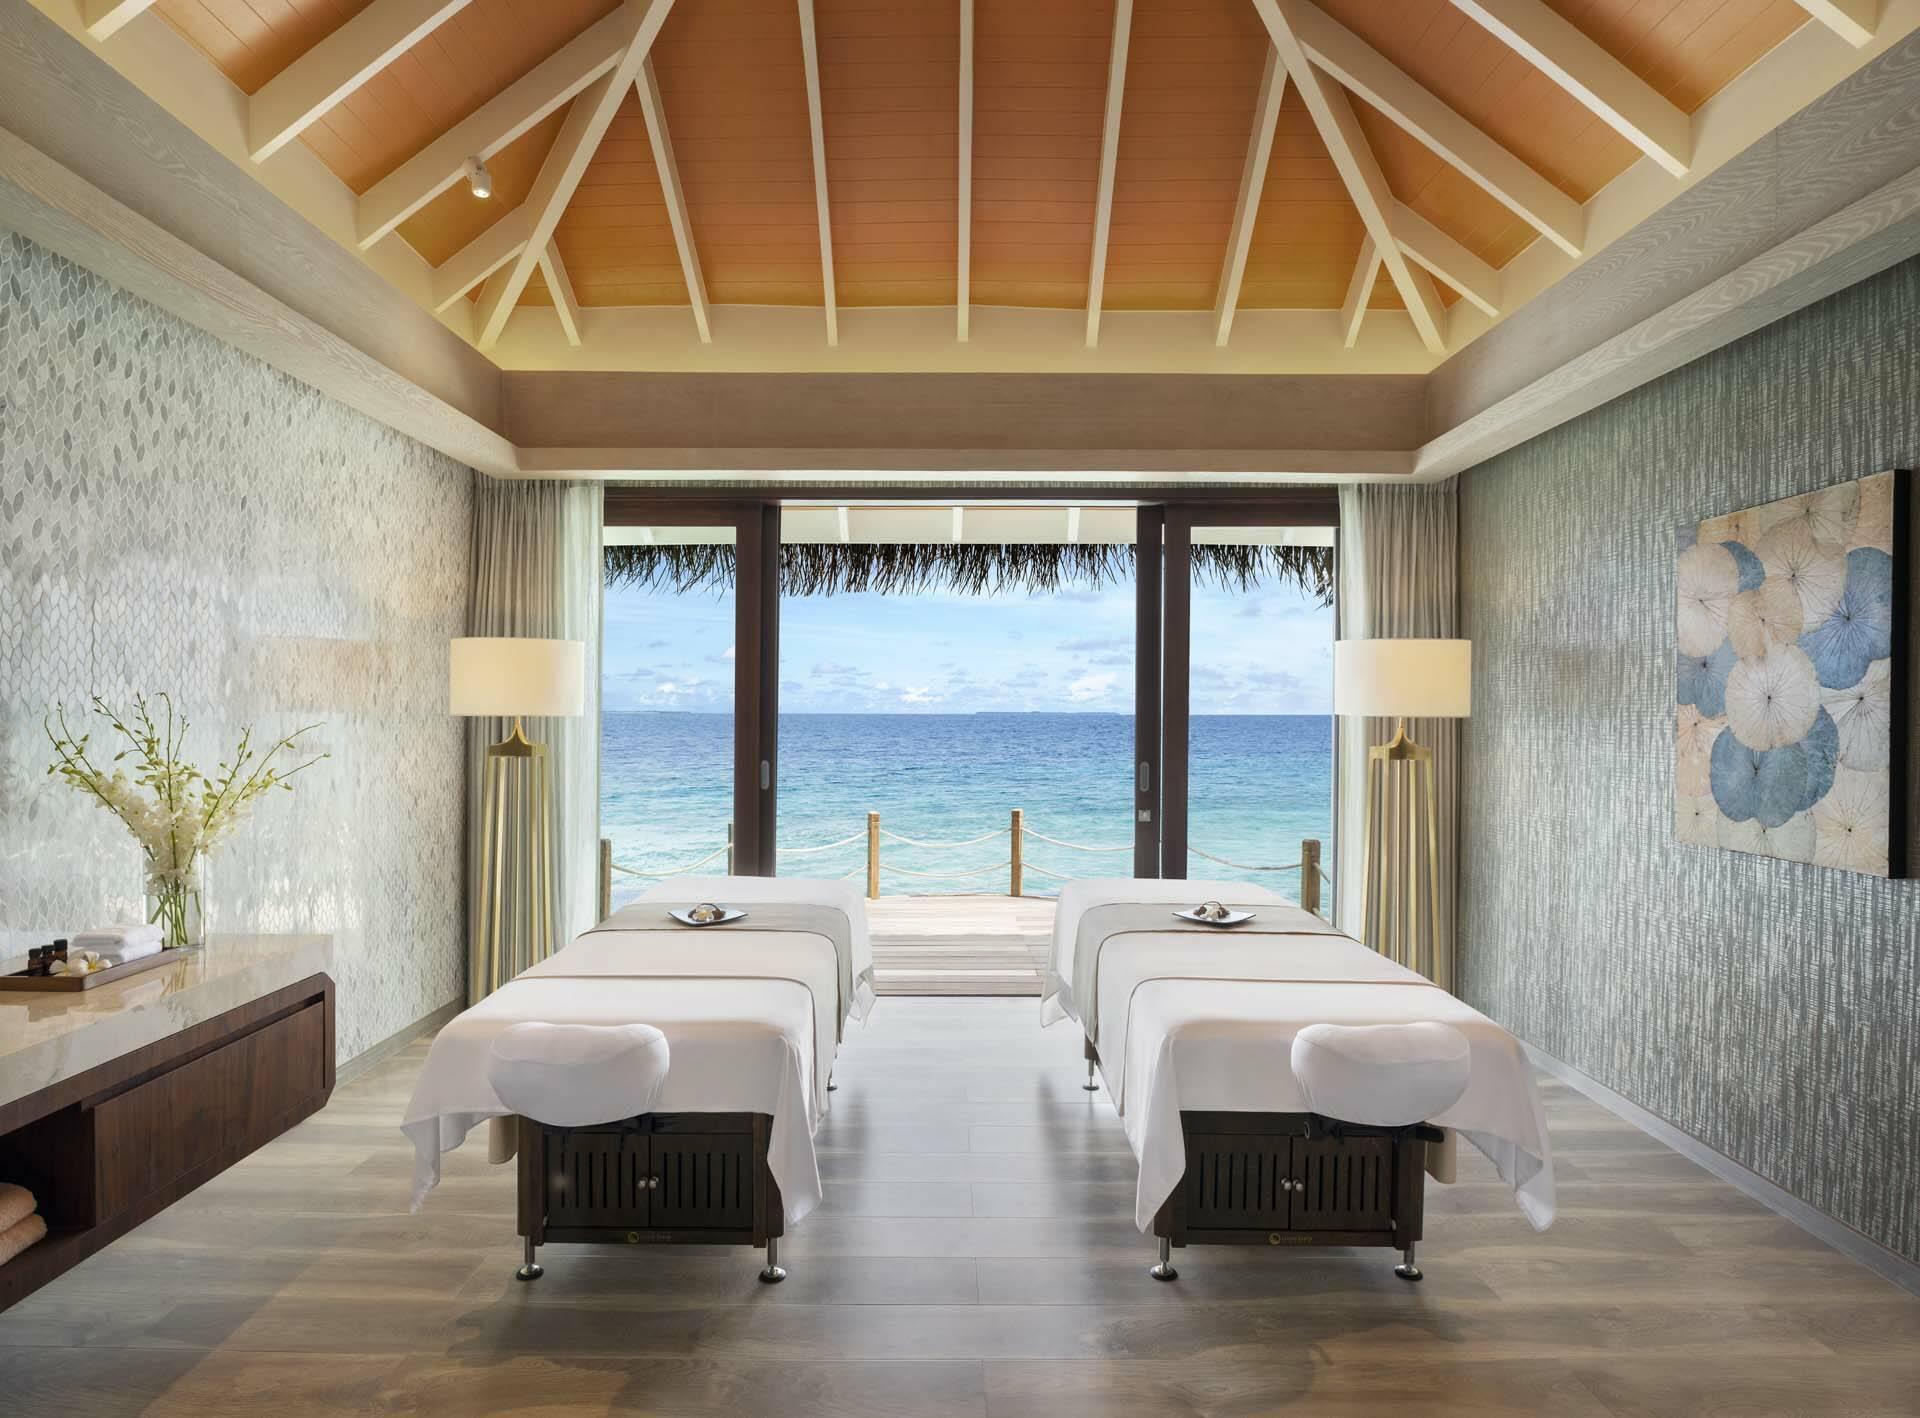 JW Marriott Maldives spa